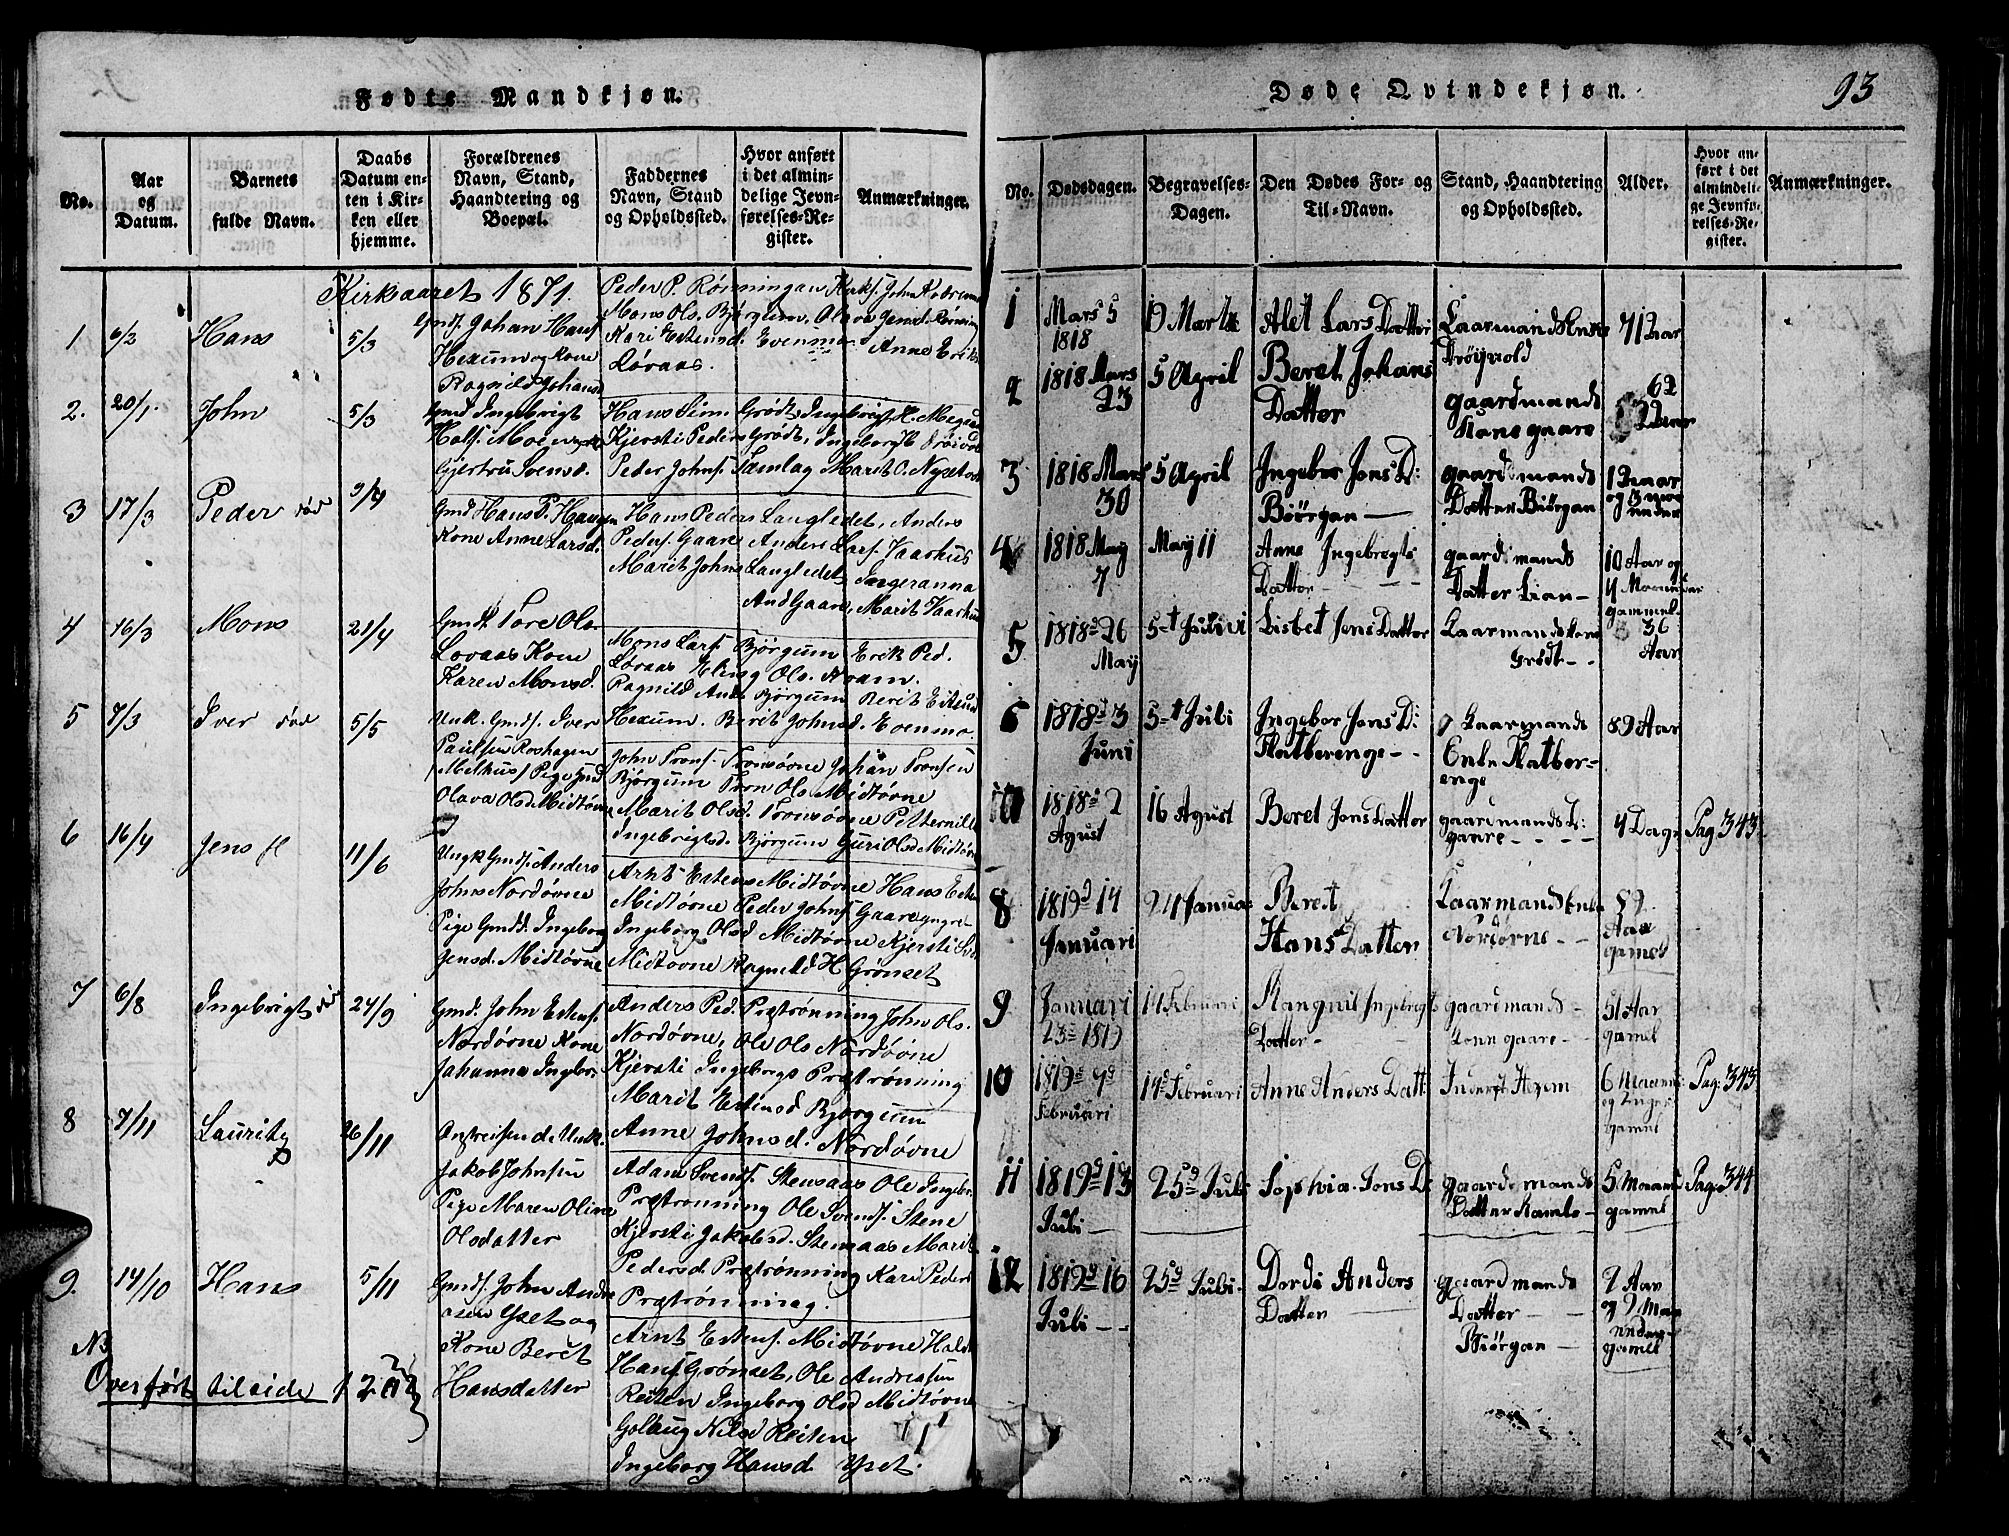 SAT, Ministerialprotokoller, klokkerbøker og fødselsregistre - Sør-Trøndelag, 685/L0976: Klokkerbok nr. 685C01, 1817-1878, s. 93